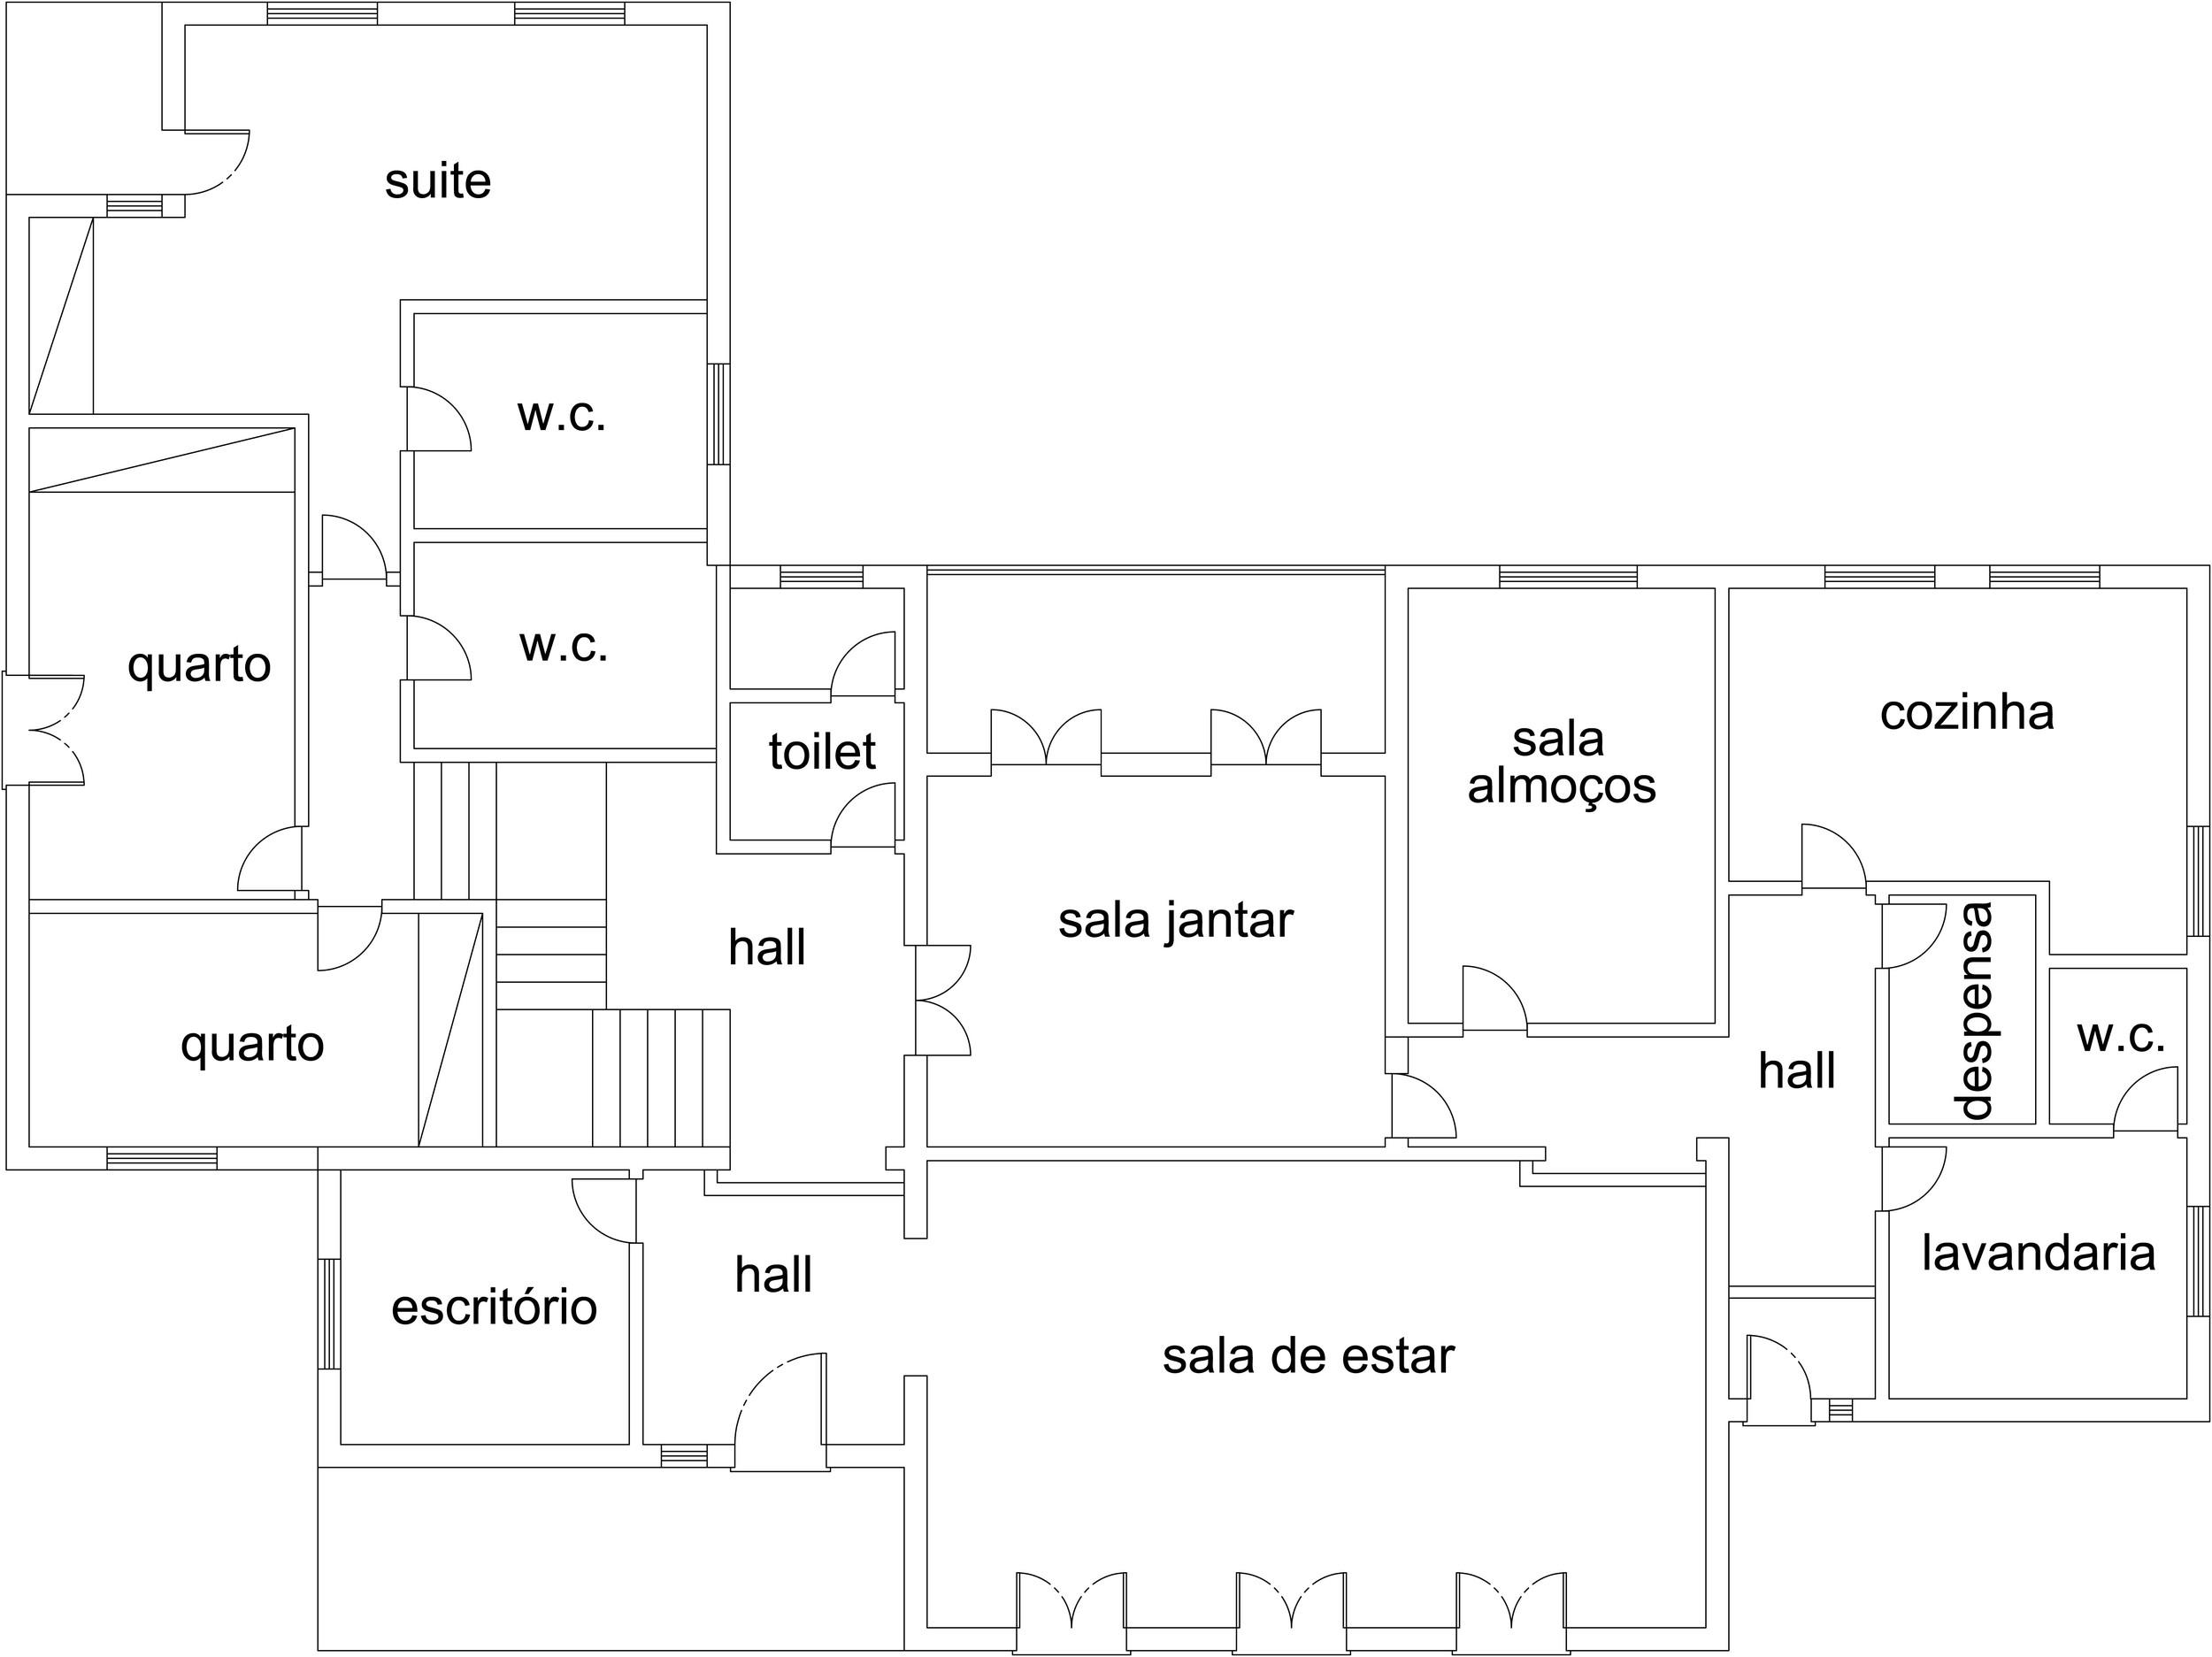 ANTES - era uma vivenda composta por 3 quartos, 3  water closets, toilet,  sala de estar, 2 salas de refeições, escritório, cozinha, lavandaria e despensa.